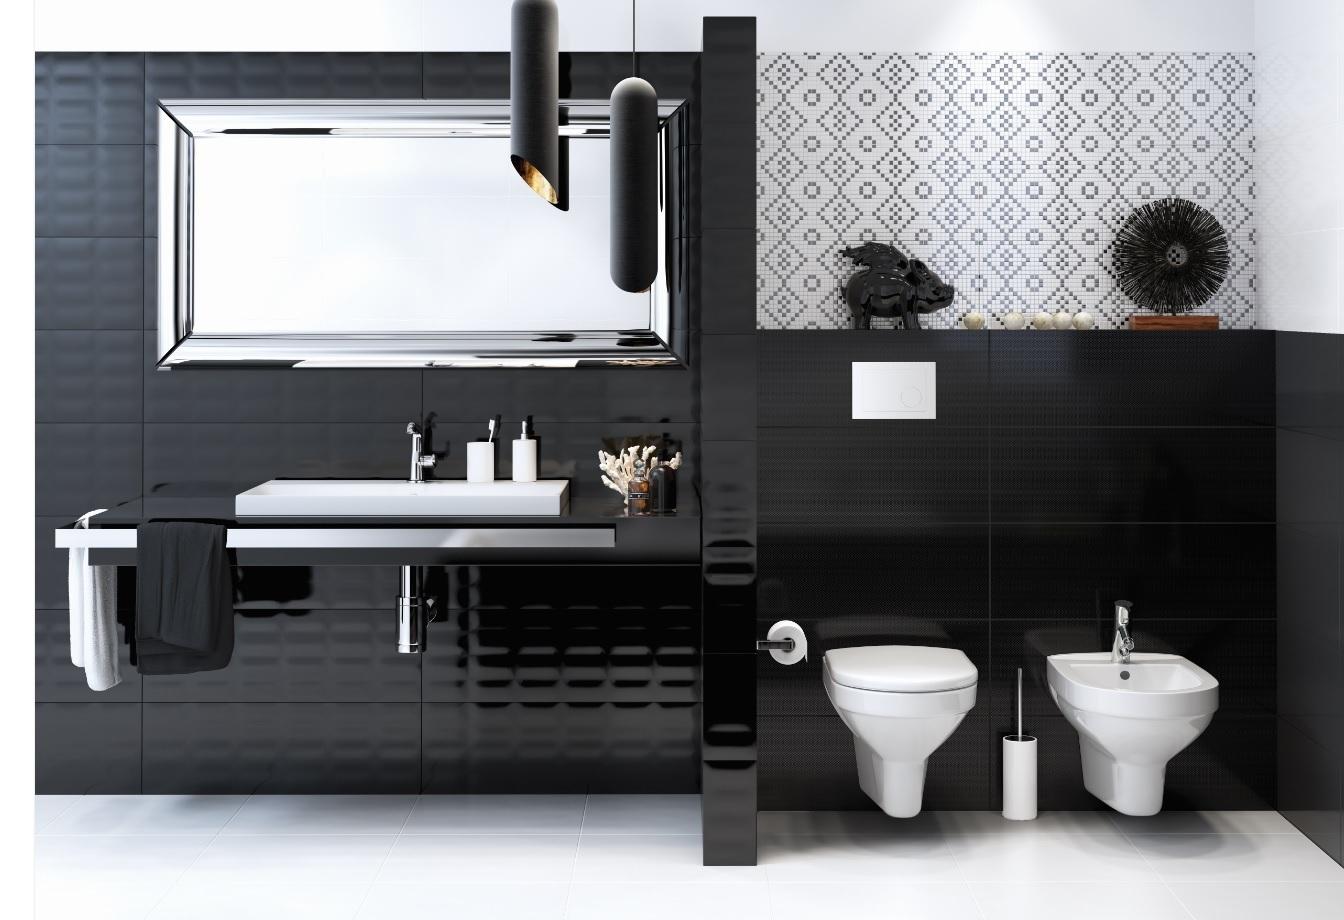 dekorfliese meissen magic mosaik schwarz wei 25x75 cm. Black Bedroom Furniture Sets. Home Design Ideas